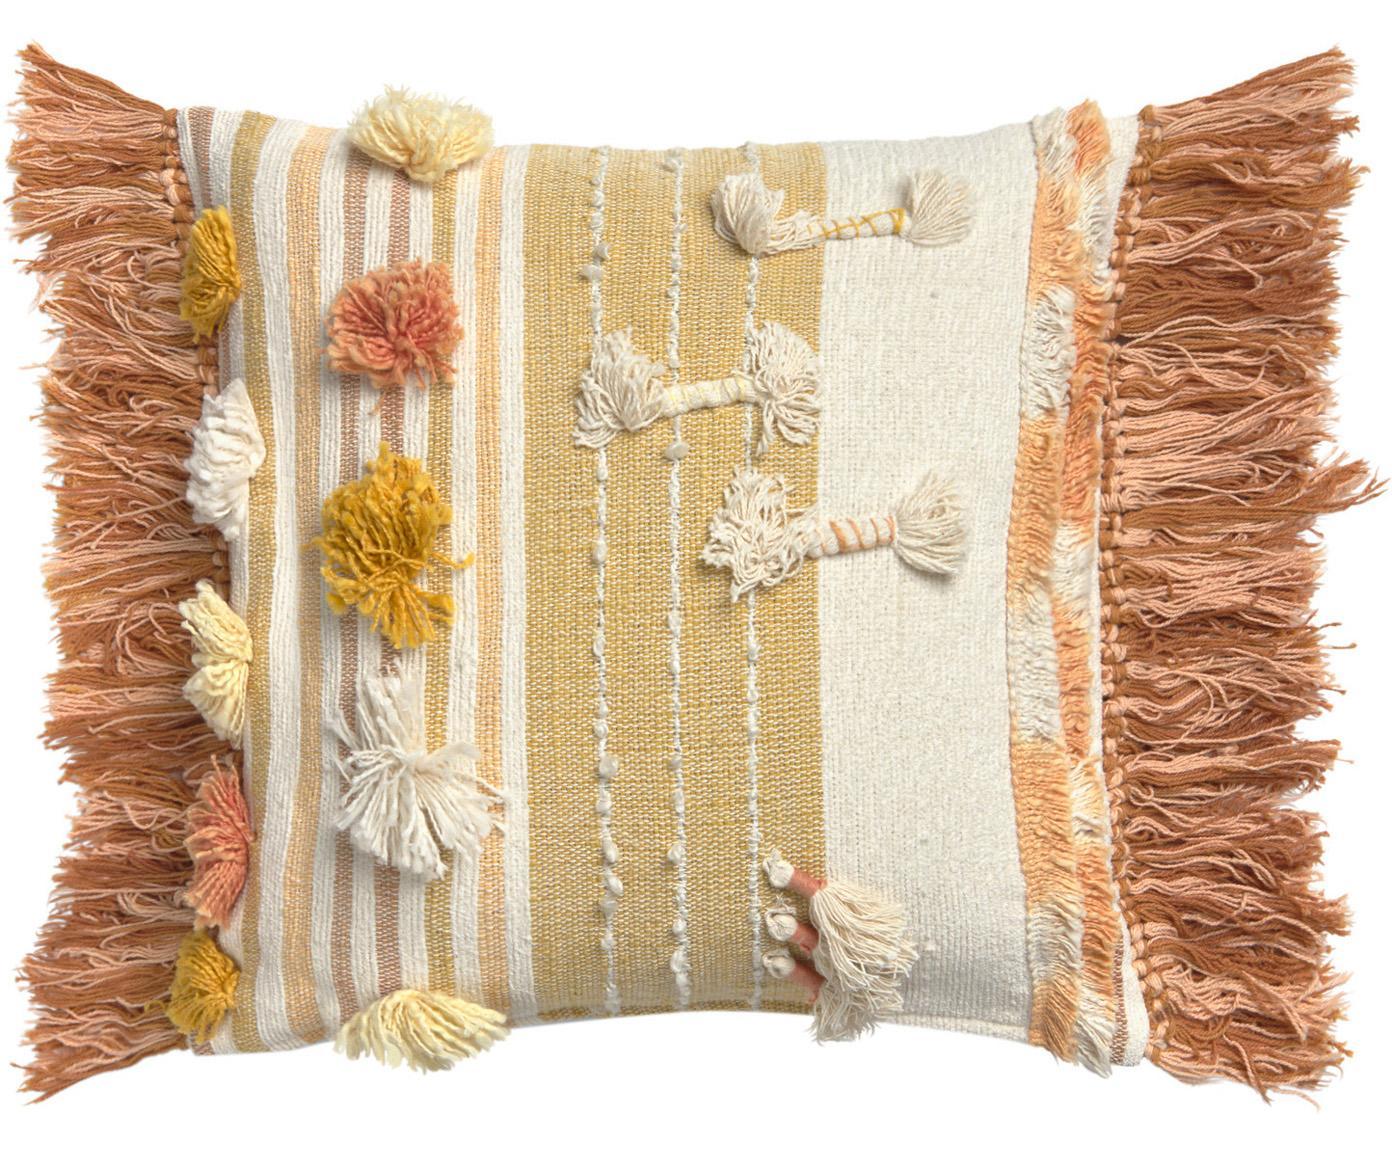 Boho kussenhoes Colors met franjes en decoratie, 100% katoen, Multicolour, 45 x 45 cm